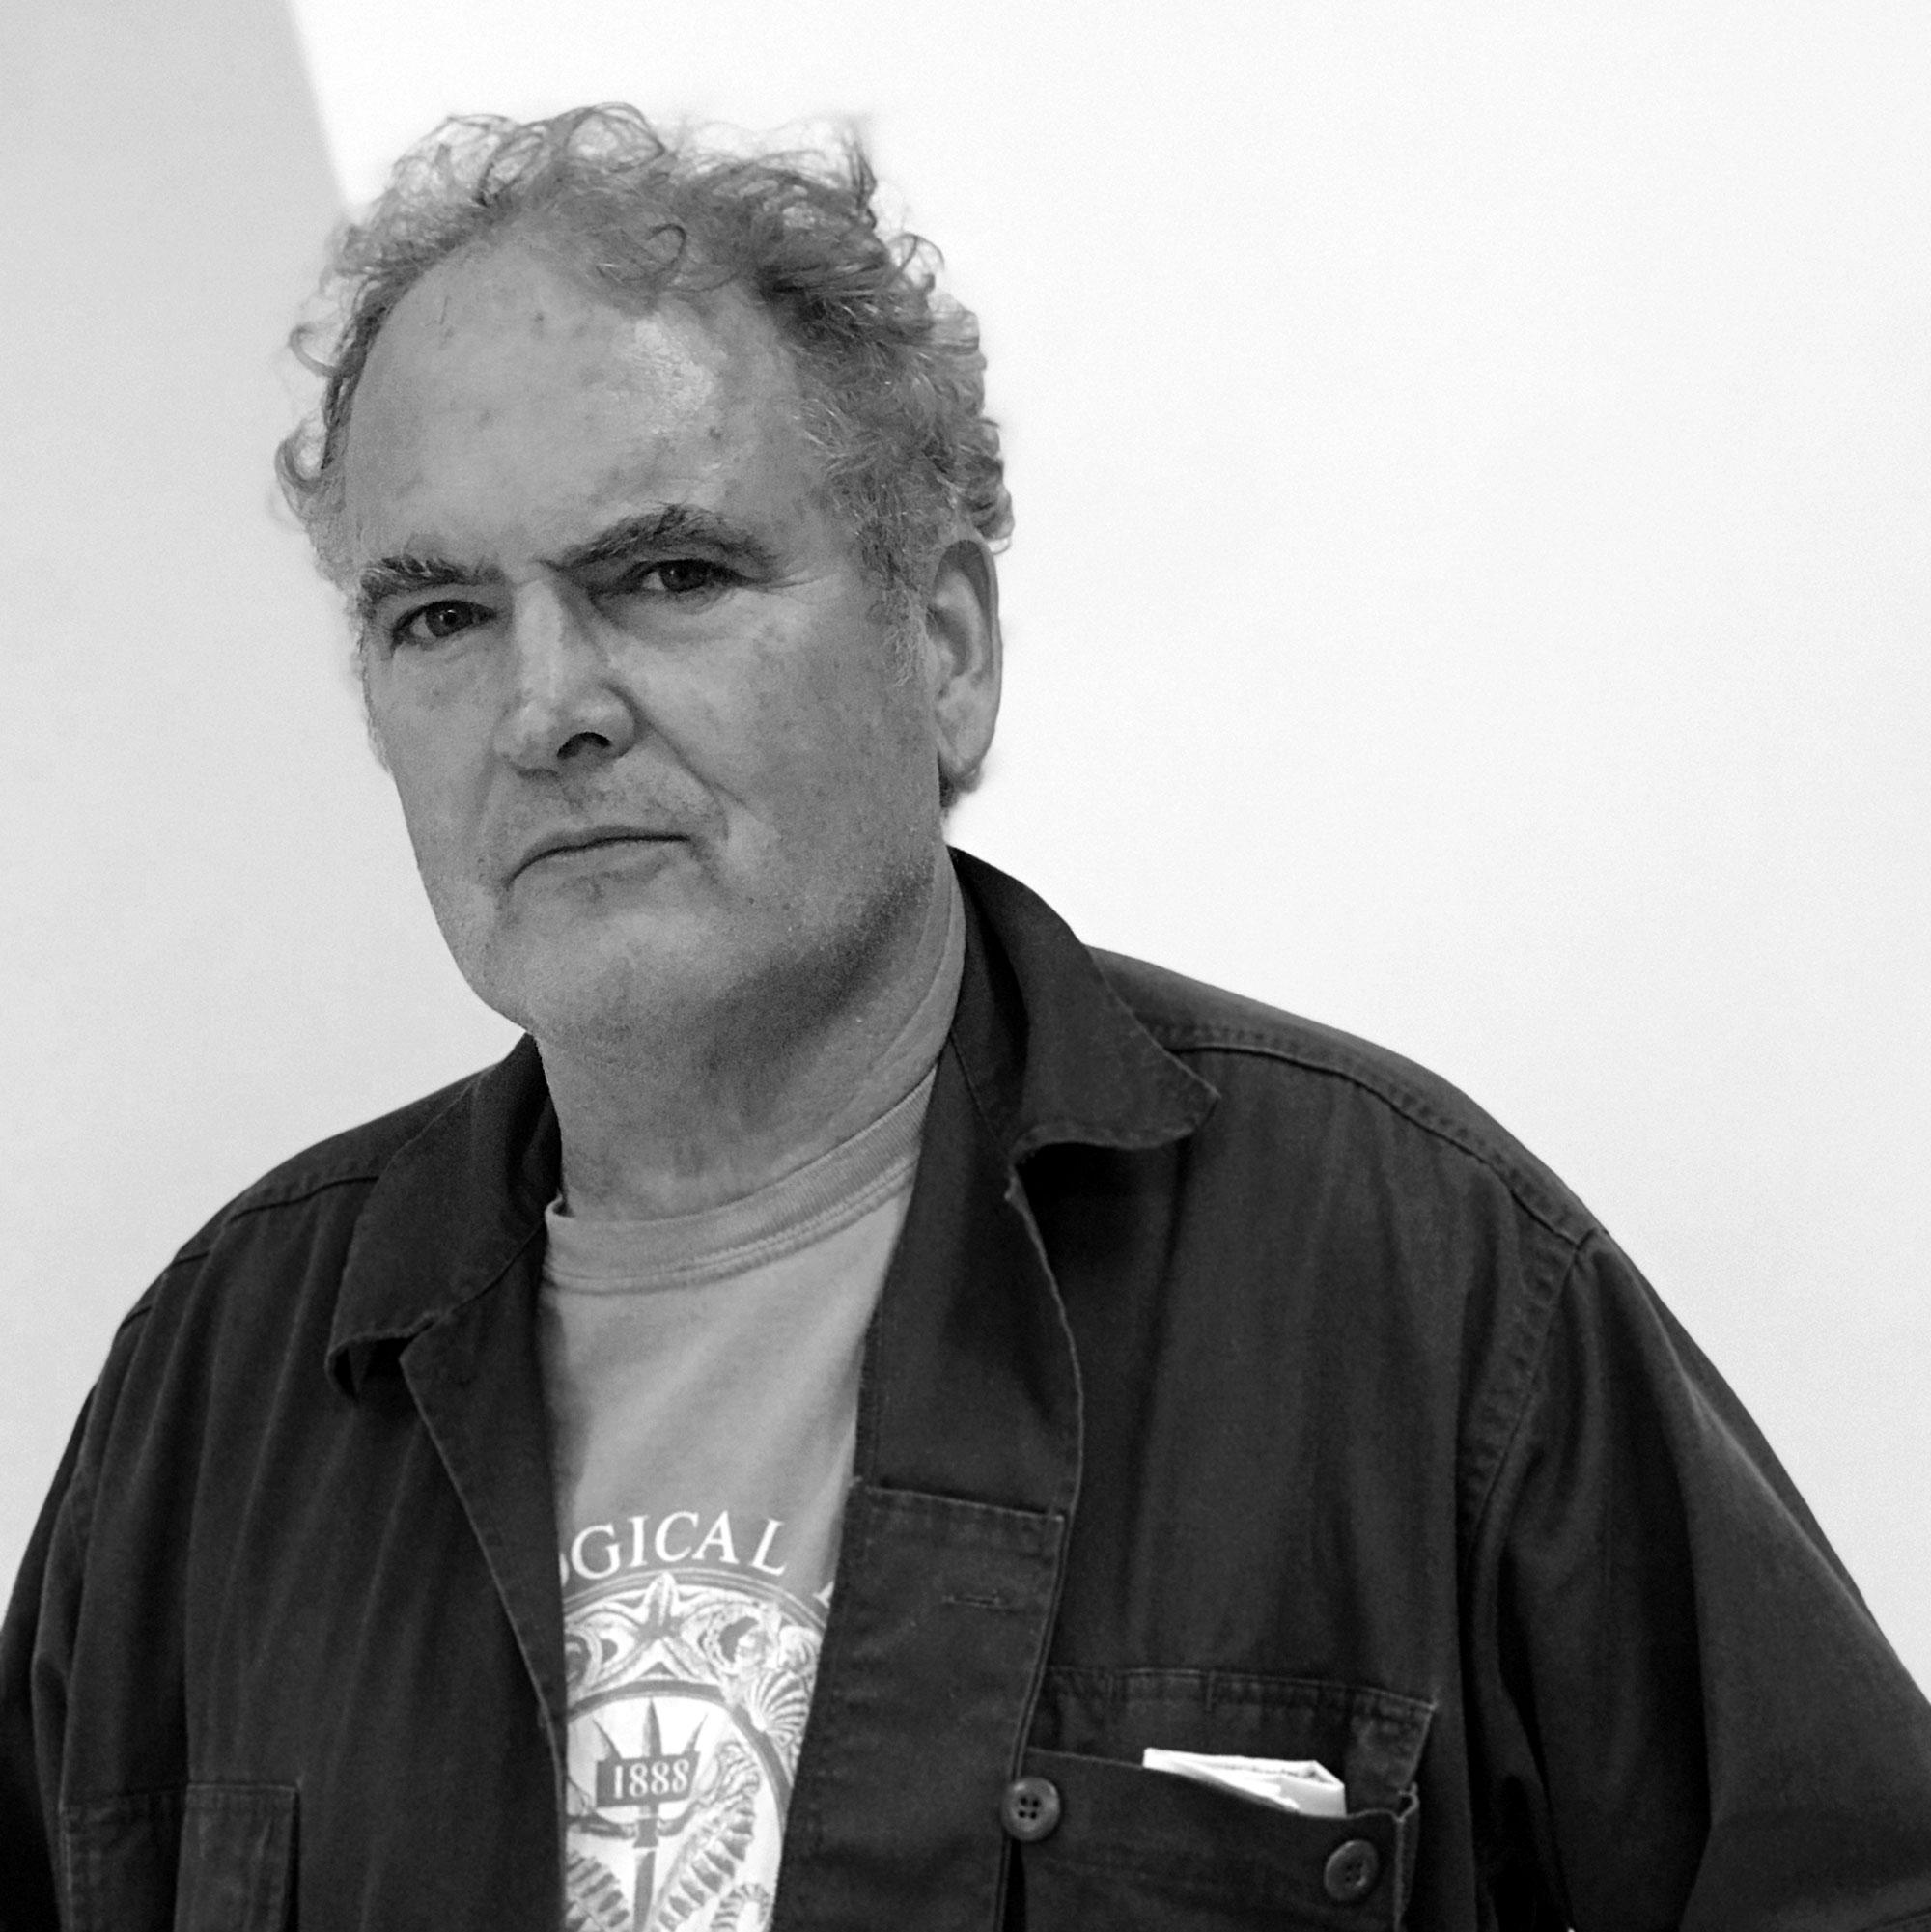 Robert Chambers, portrait